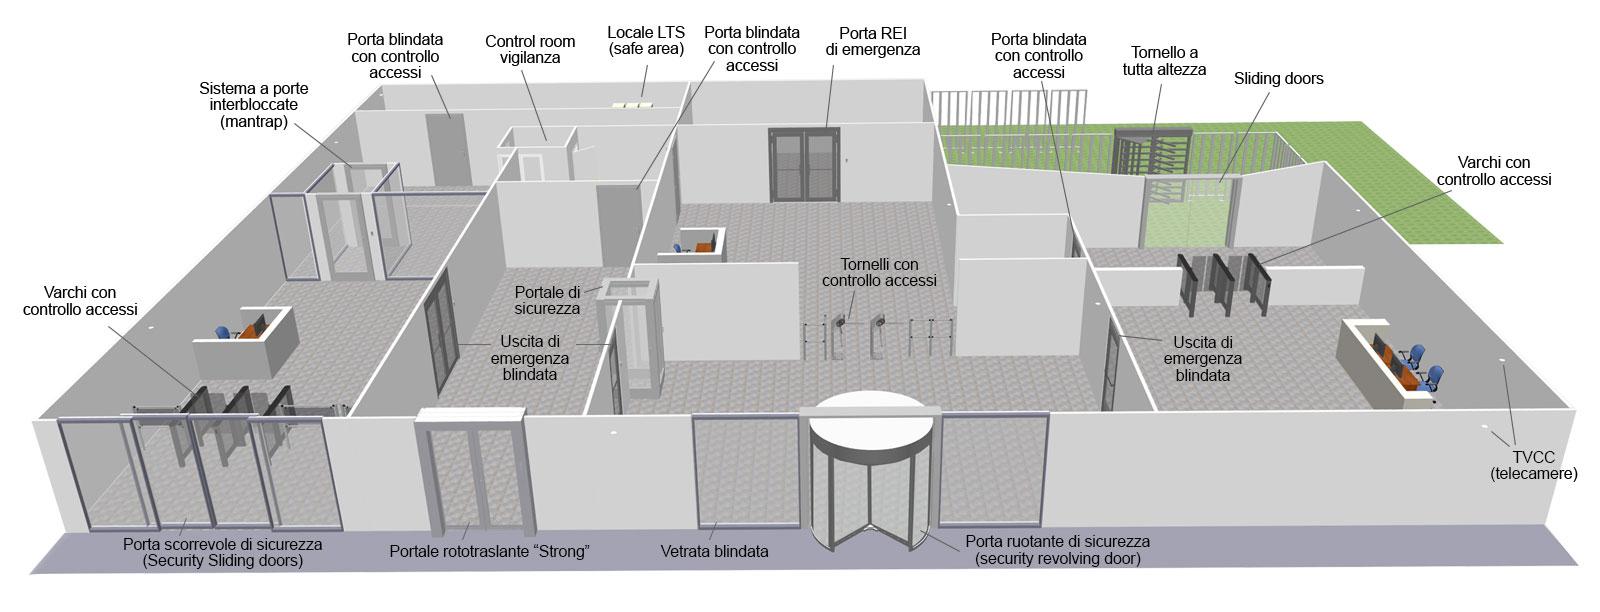 Sistema Rototraslante Per Porte.Cometa Bussole E Portali Di Sicurezza